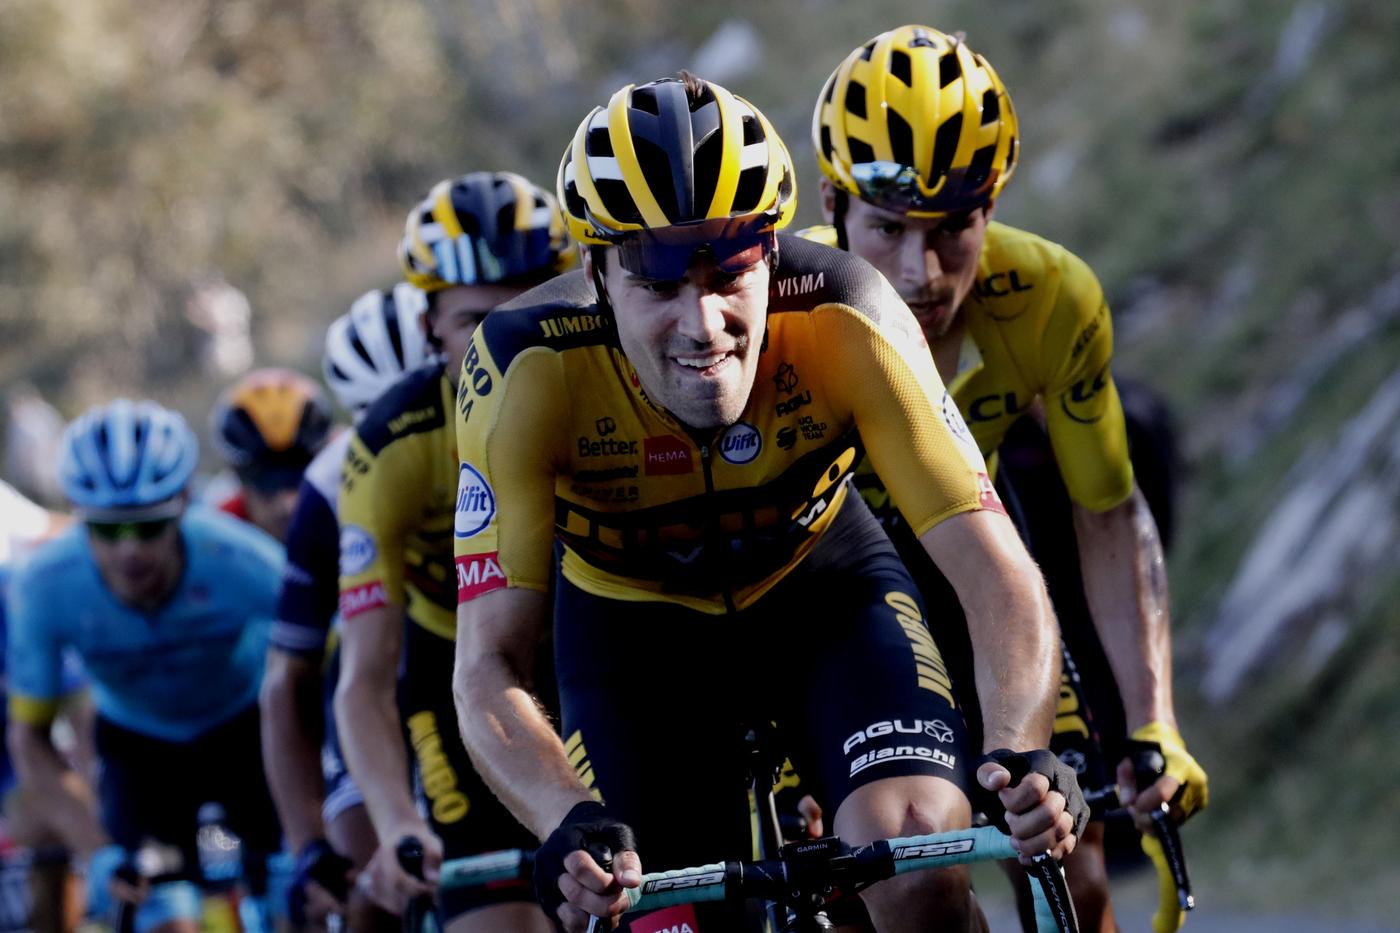 """Vuelta a España 2020, Tom Dumoulin: """"Sono un po' stanco, ma darò il massimo"""""""